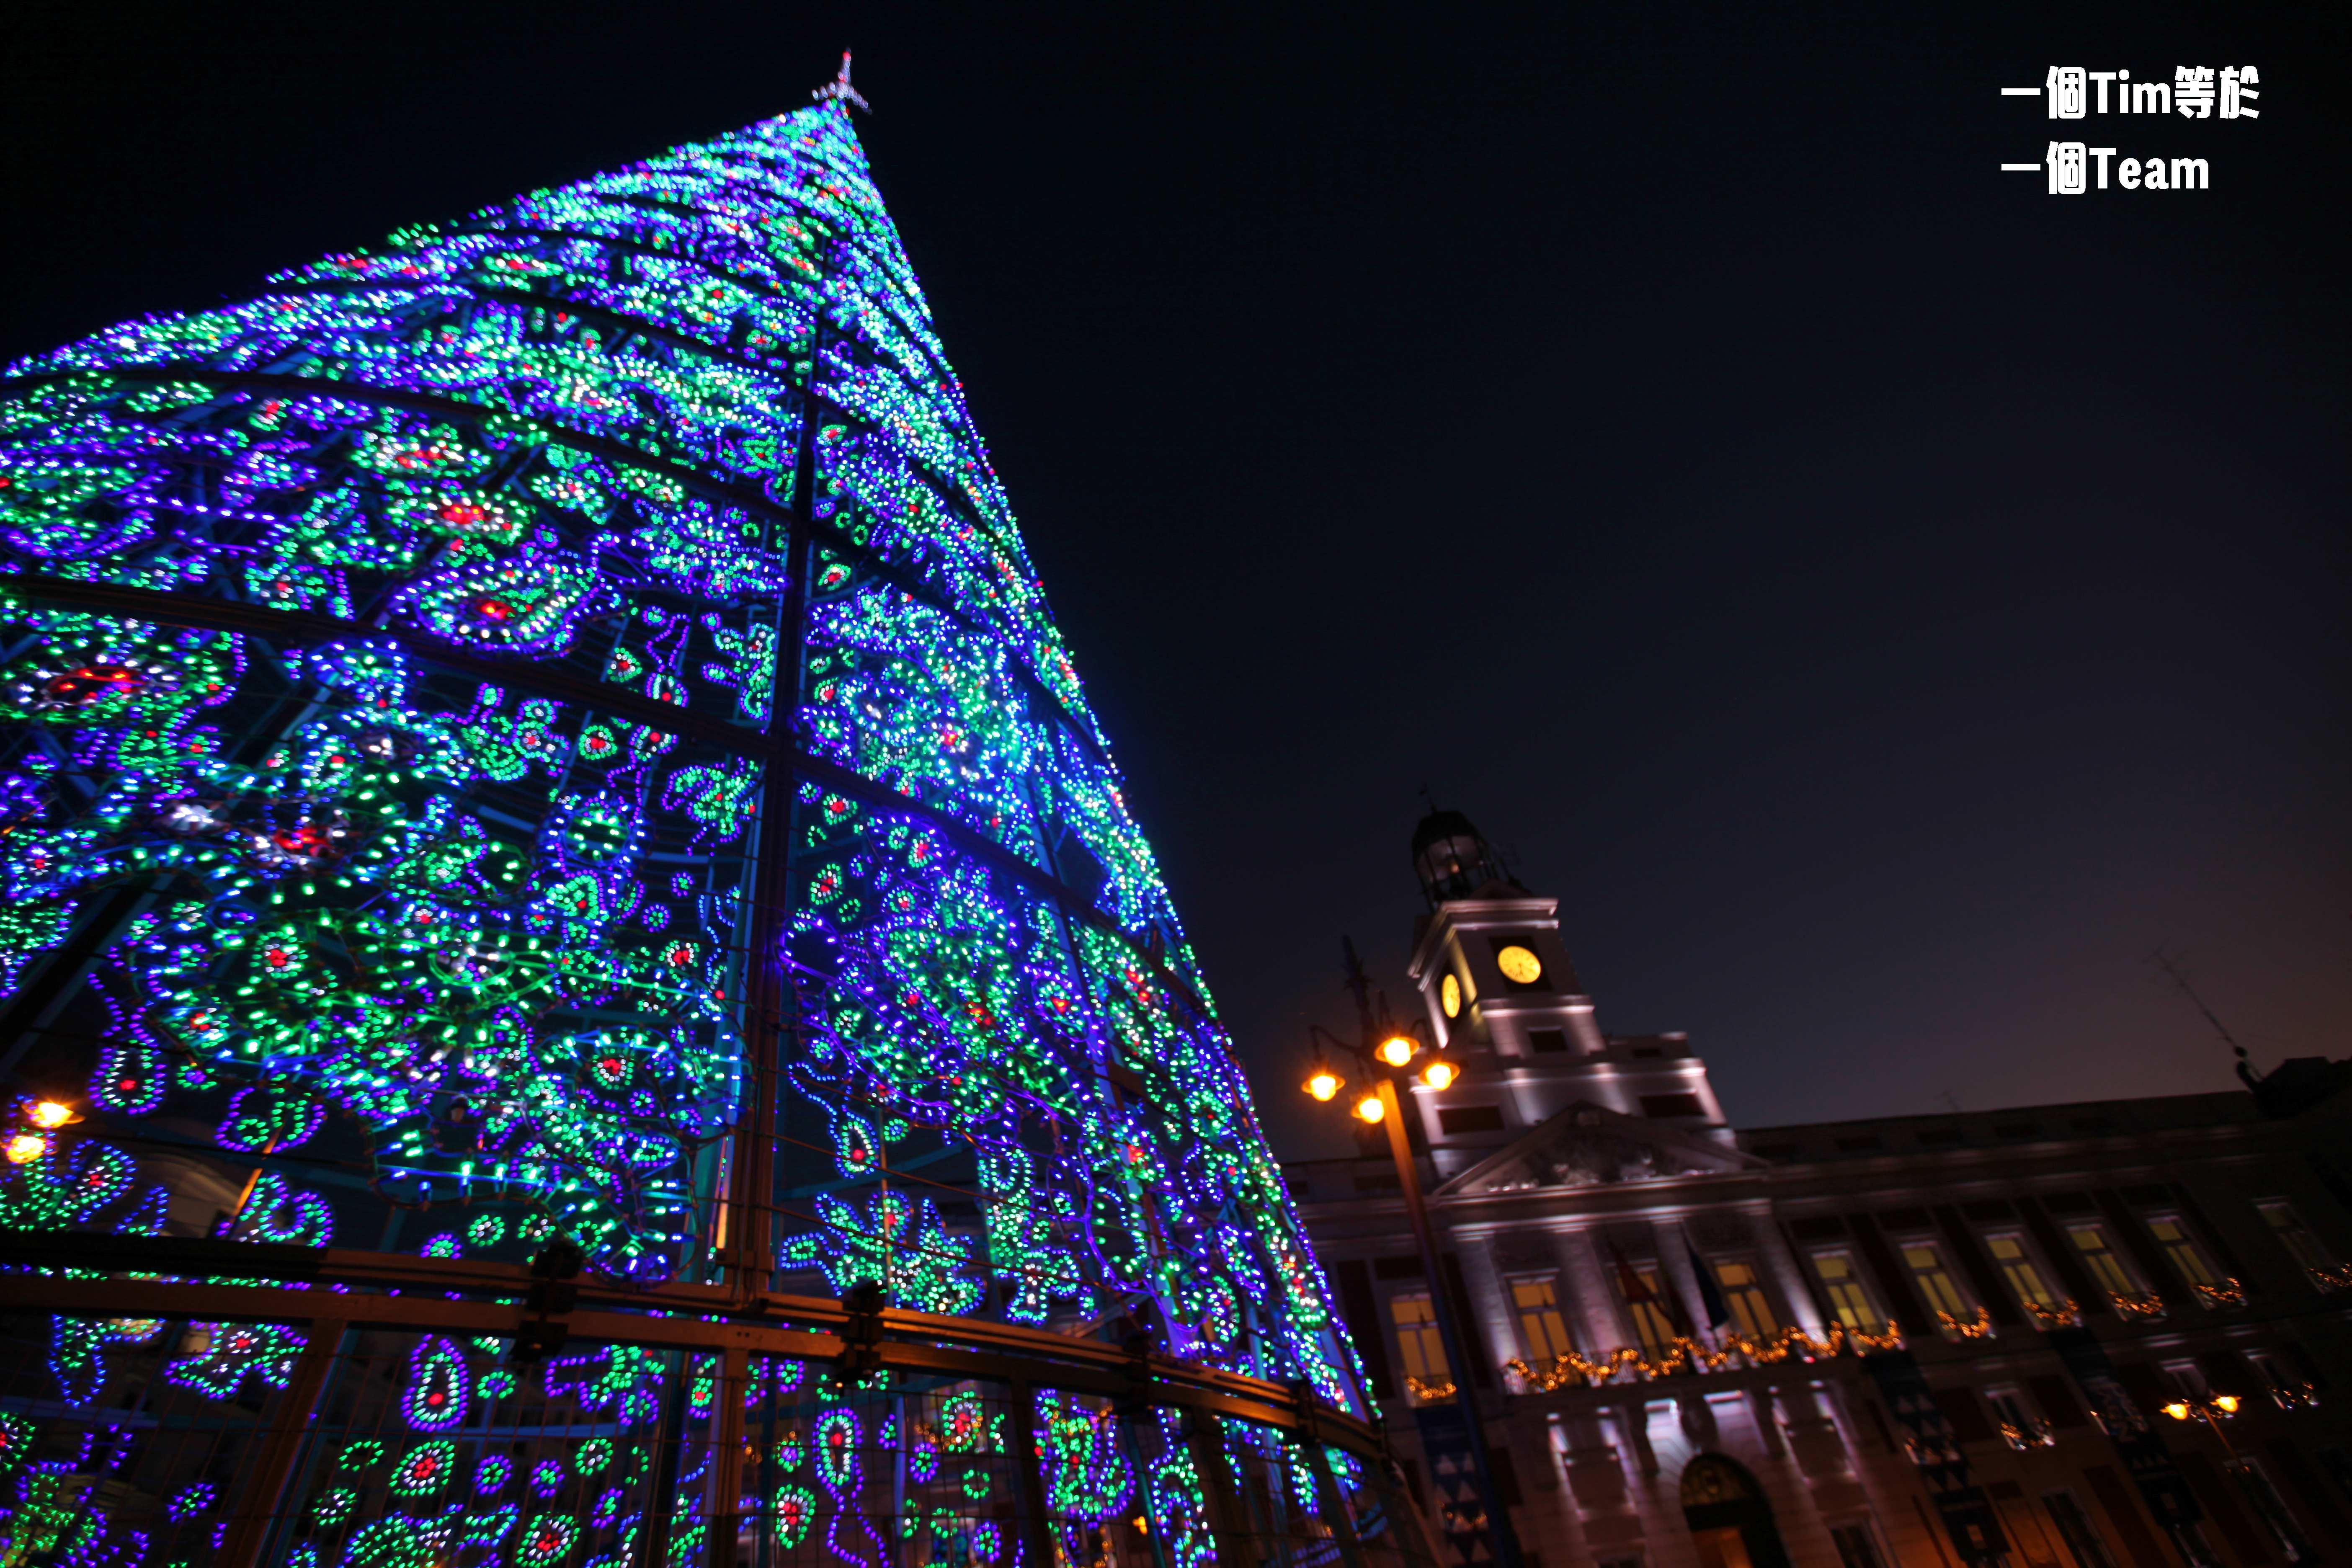 西班牙.馬德里|太陽門跨年倒數必備 2019跨年狂塞24顆葡萄